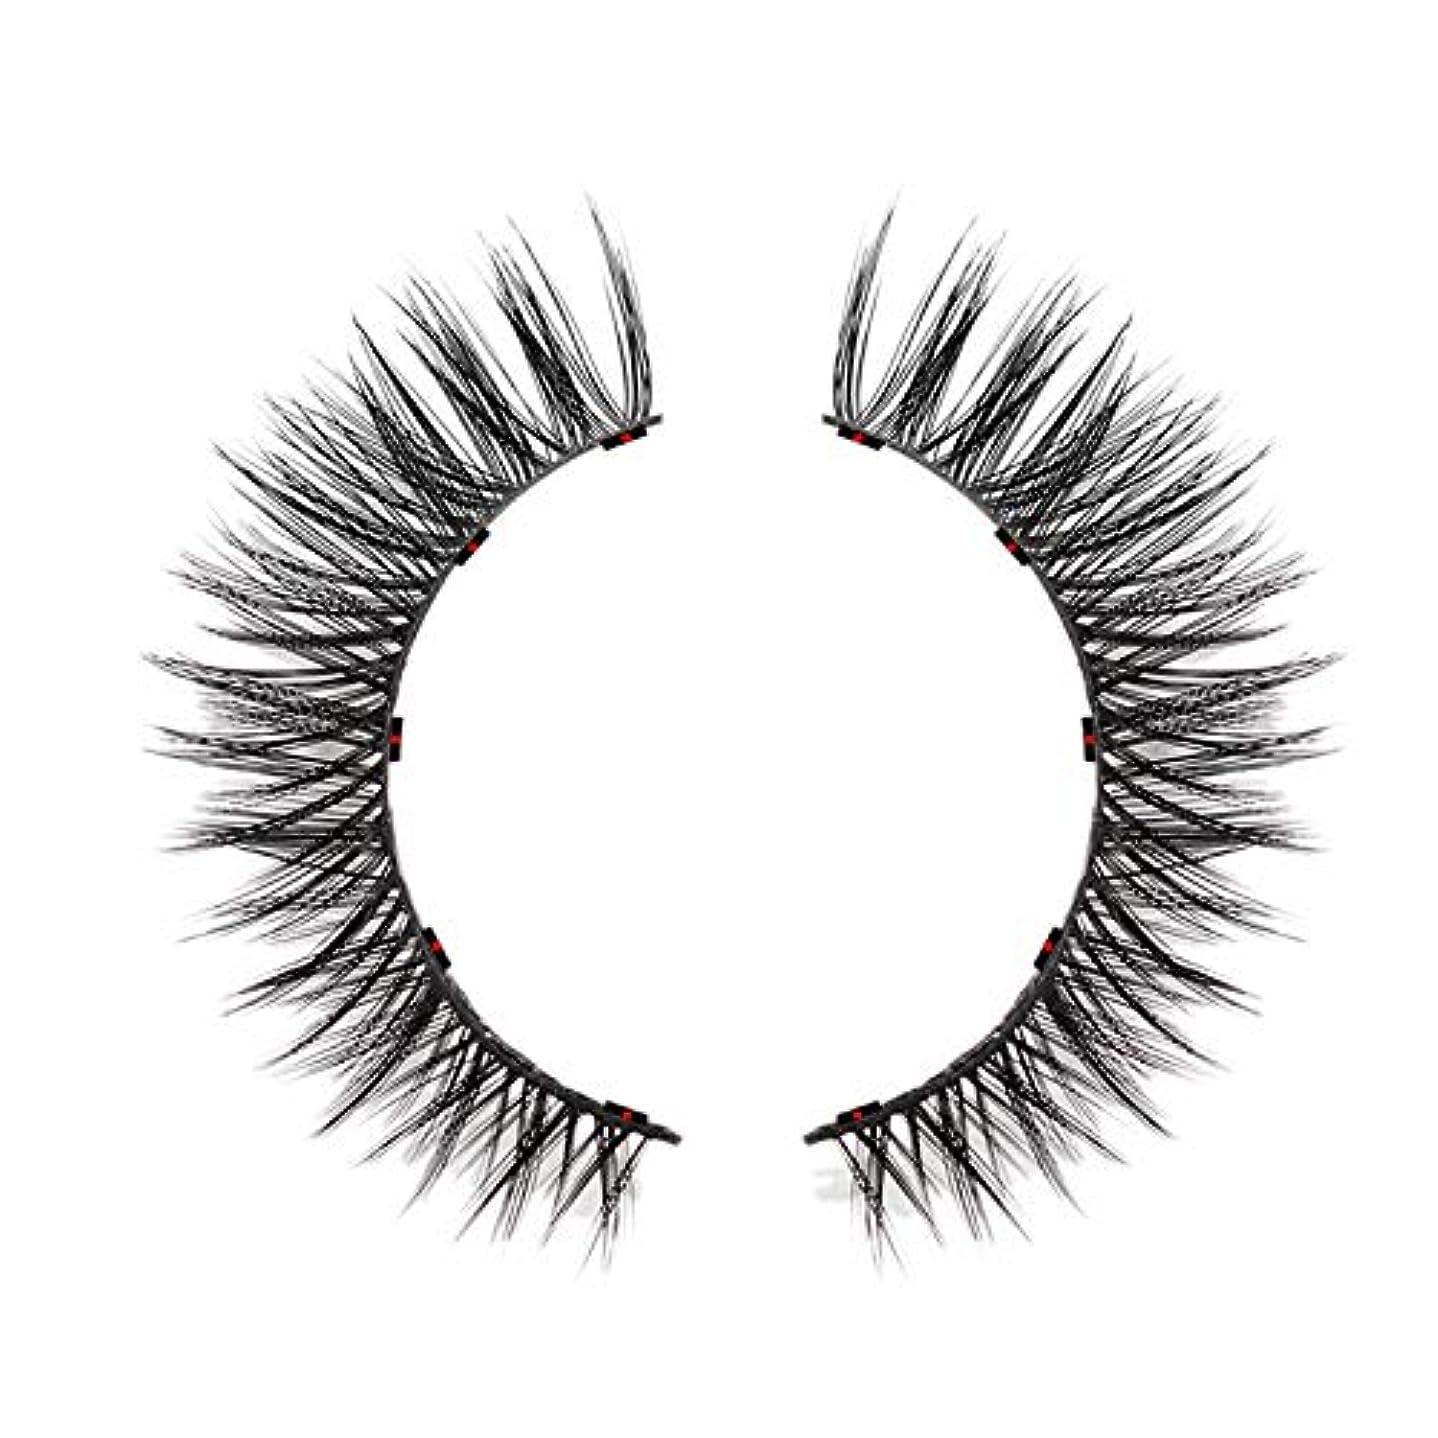 売り手視力アクセスできないTOOGOO 1セット磁気つけまつげ 防水防汚性手作り 着やすい まつげ女性の化粧まつ毛 Ad811